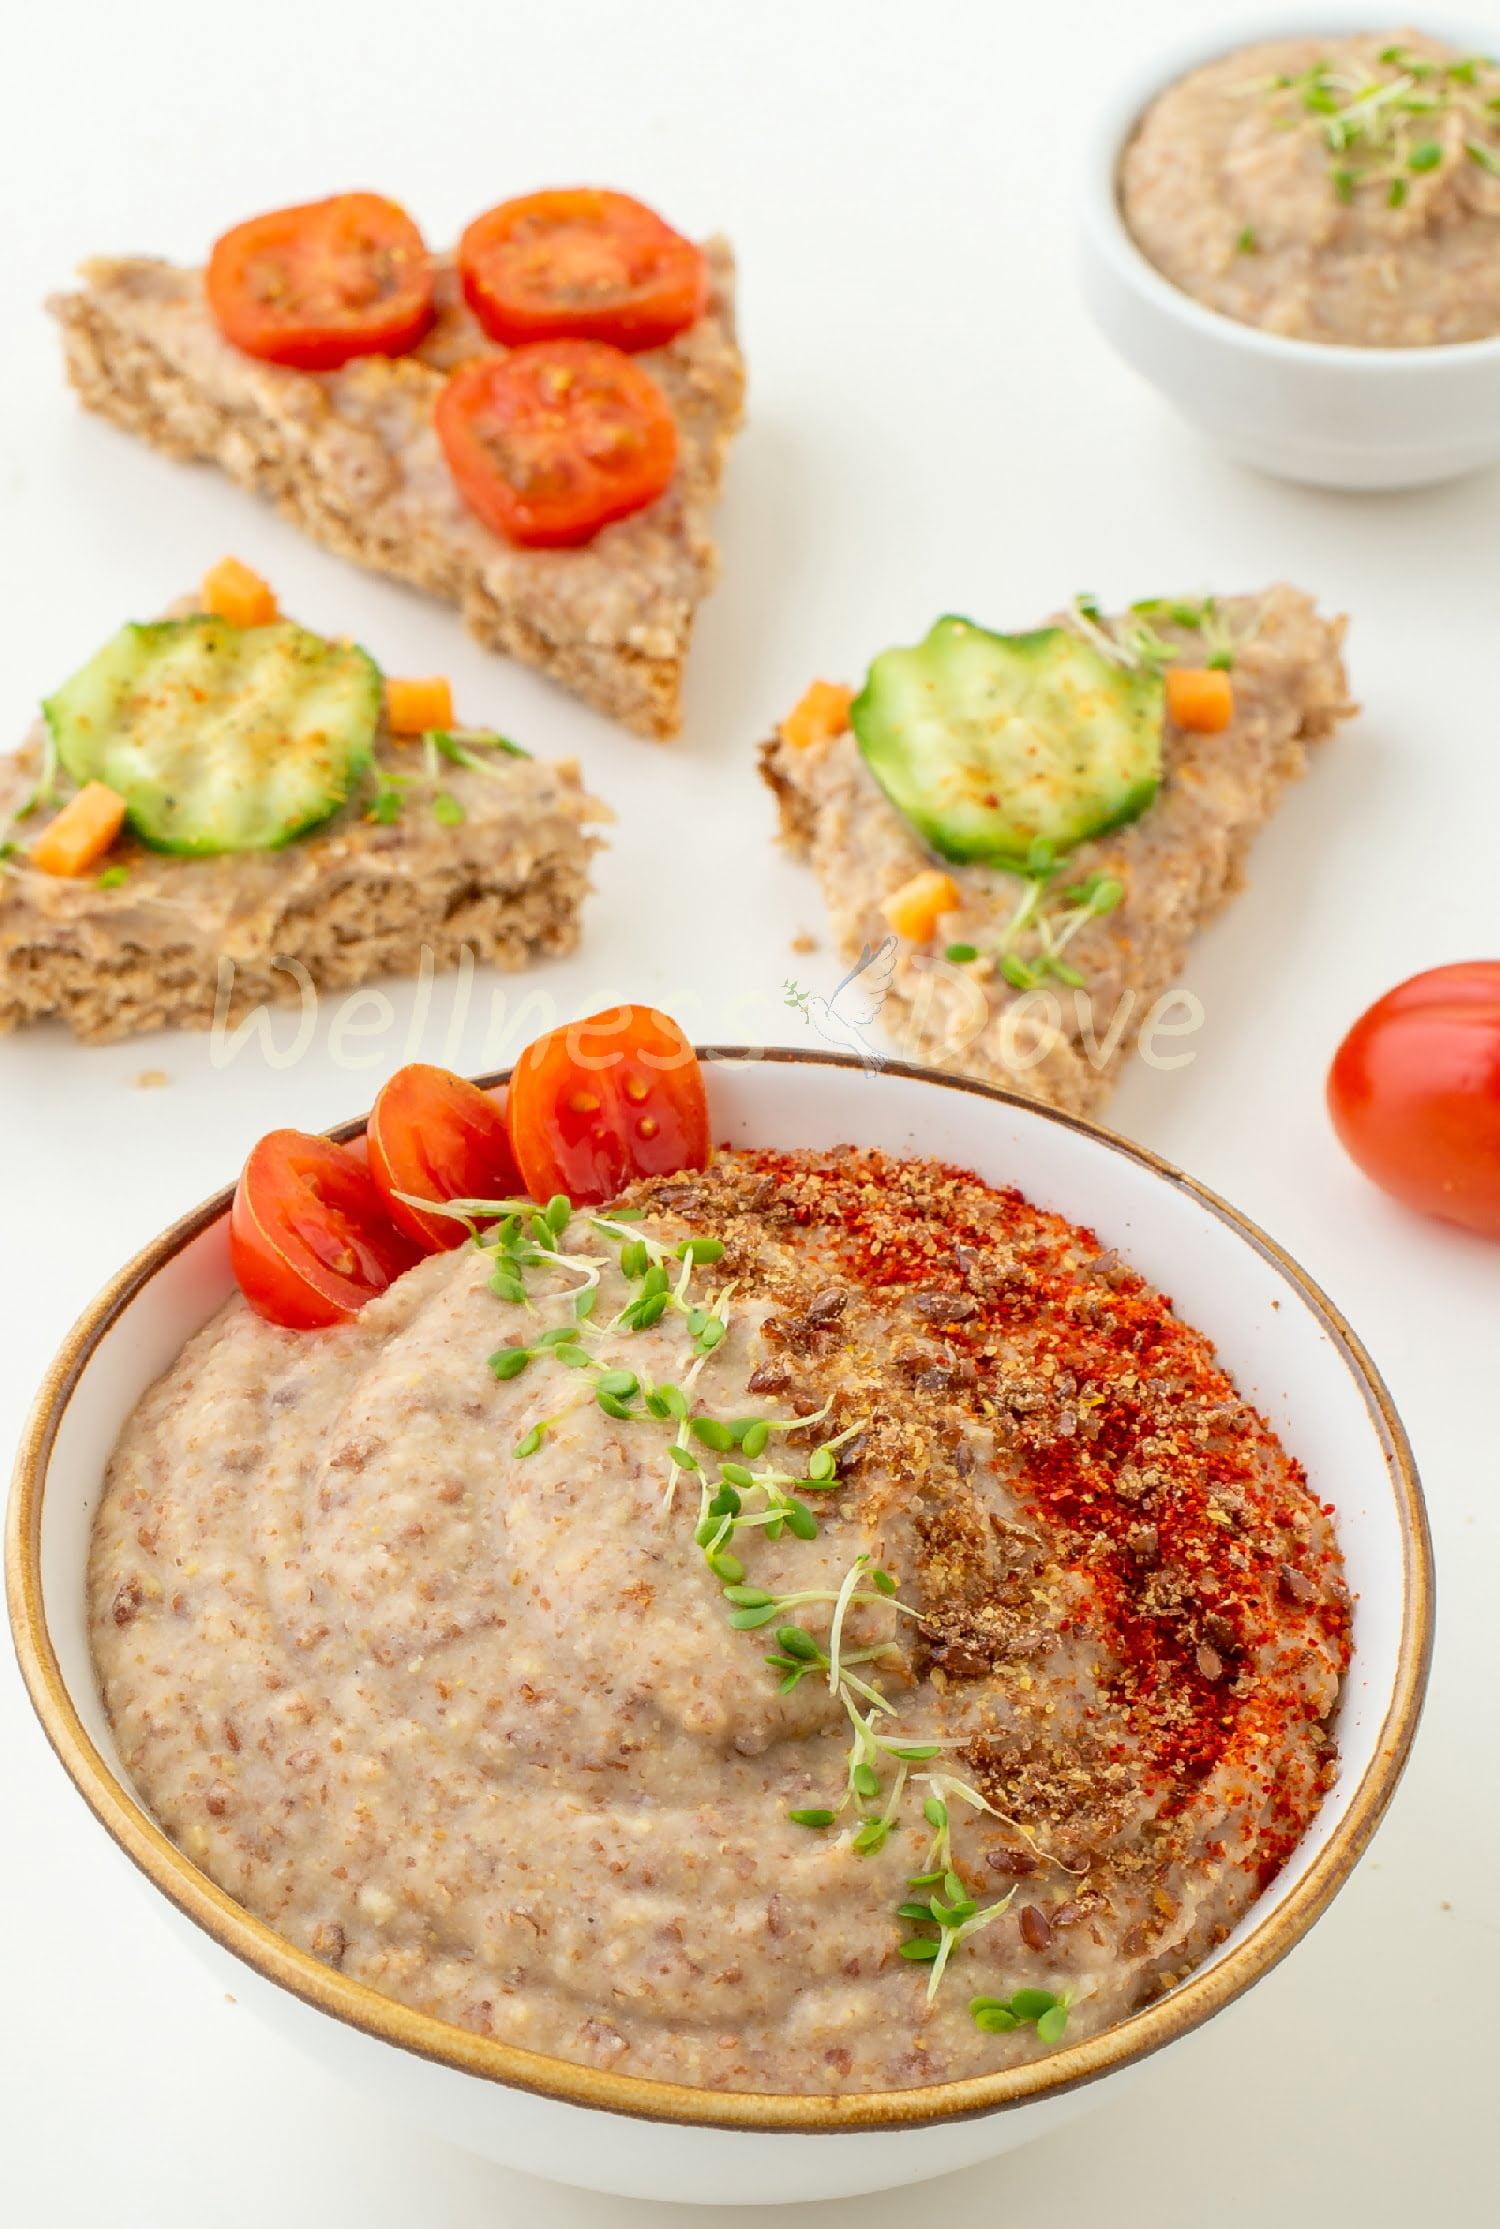 Vegan Bean Dip and sandwiches